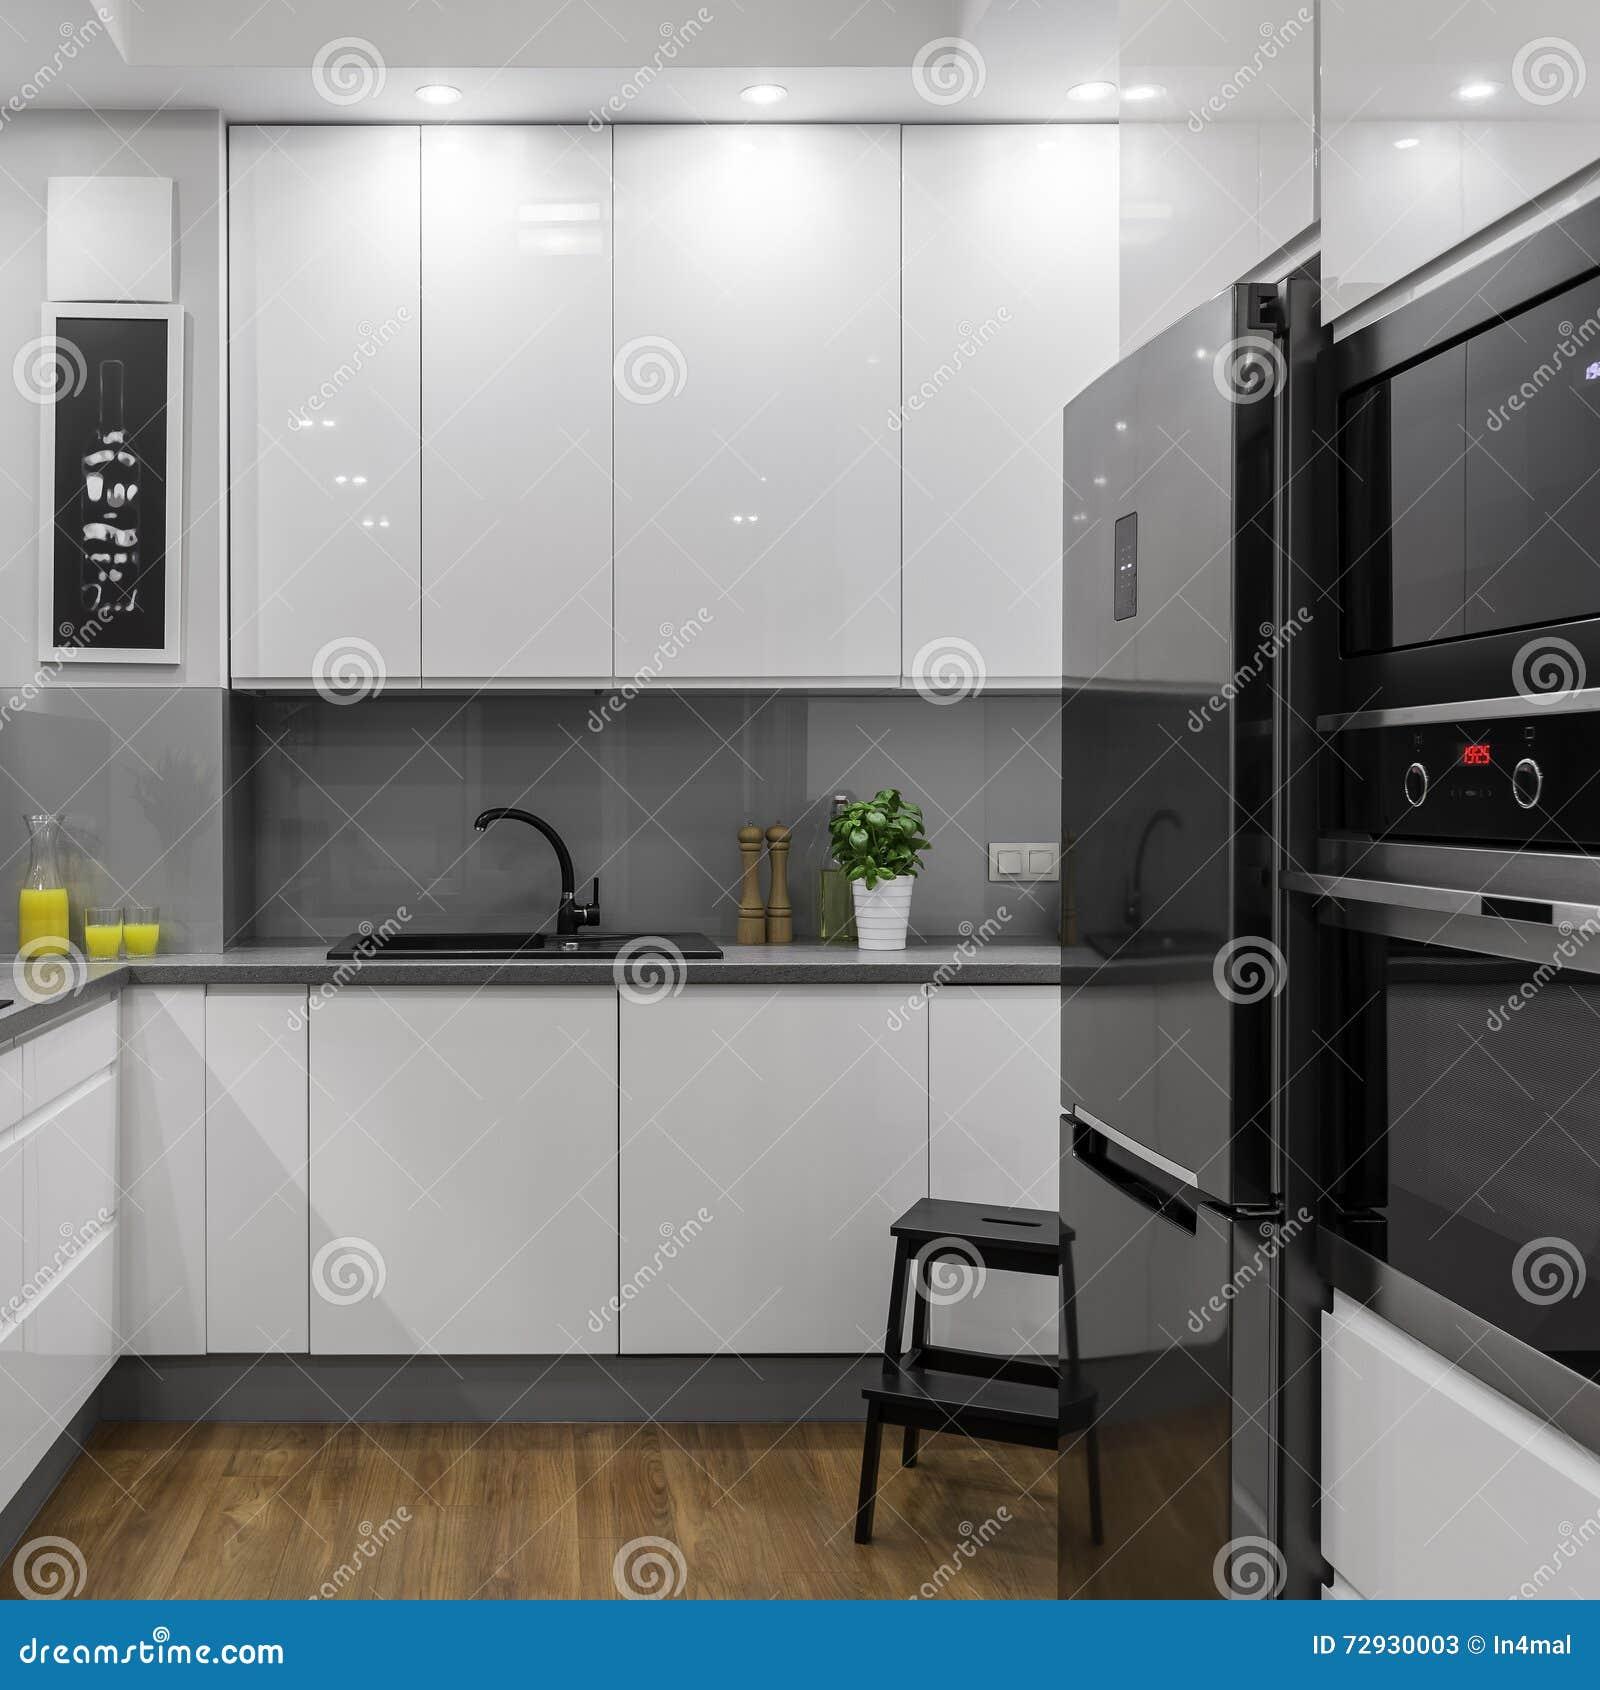 Cuisine Blanche Moderne Image Stock. Image Du Diner